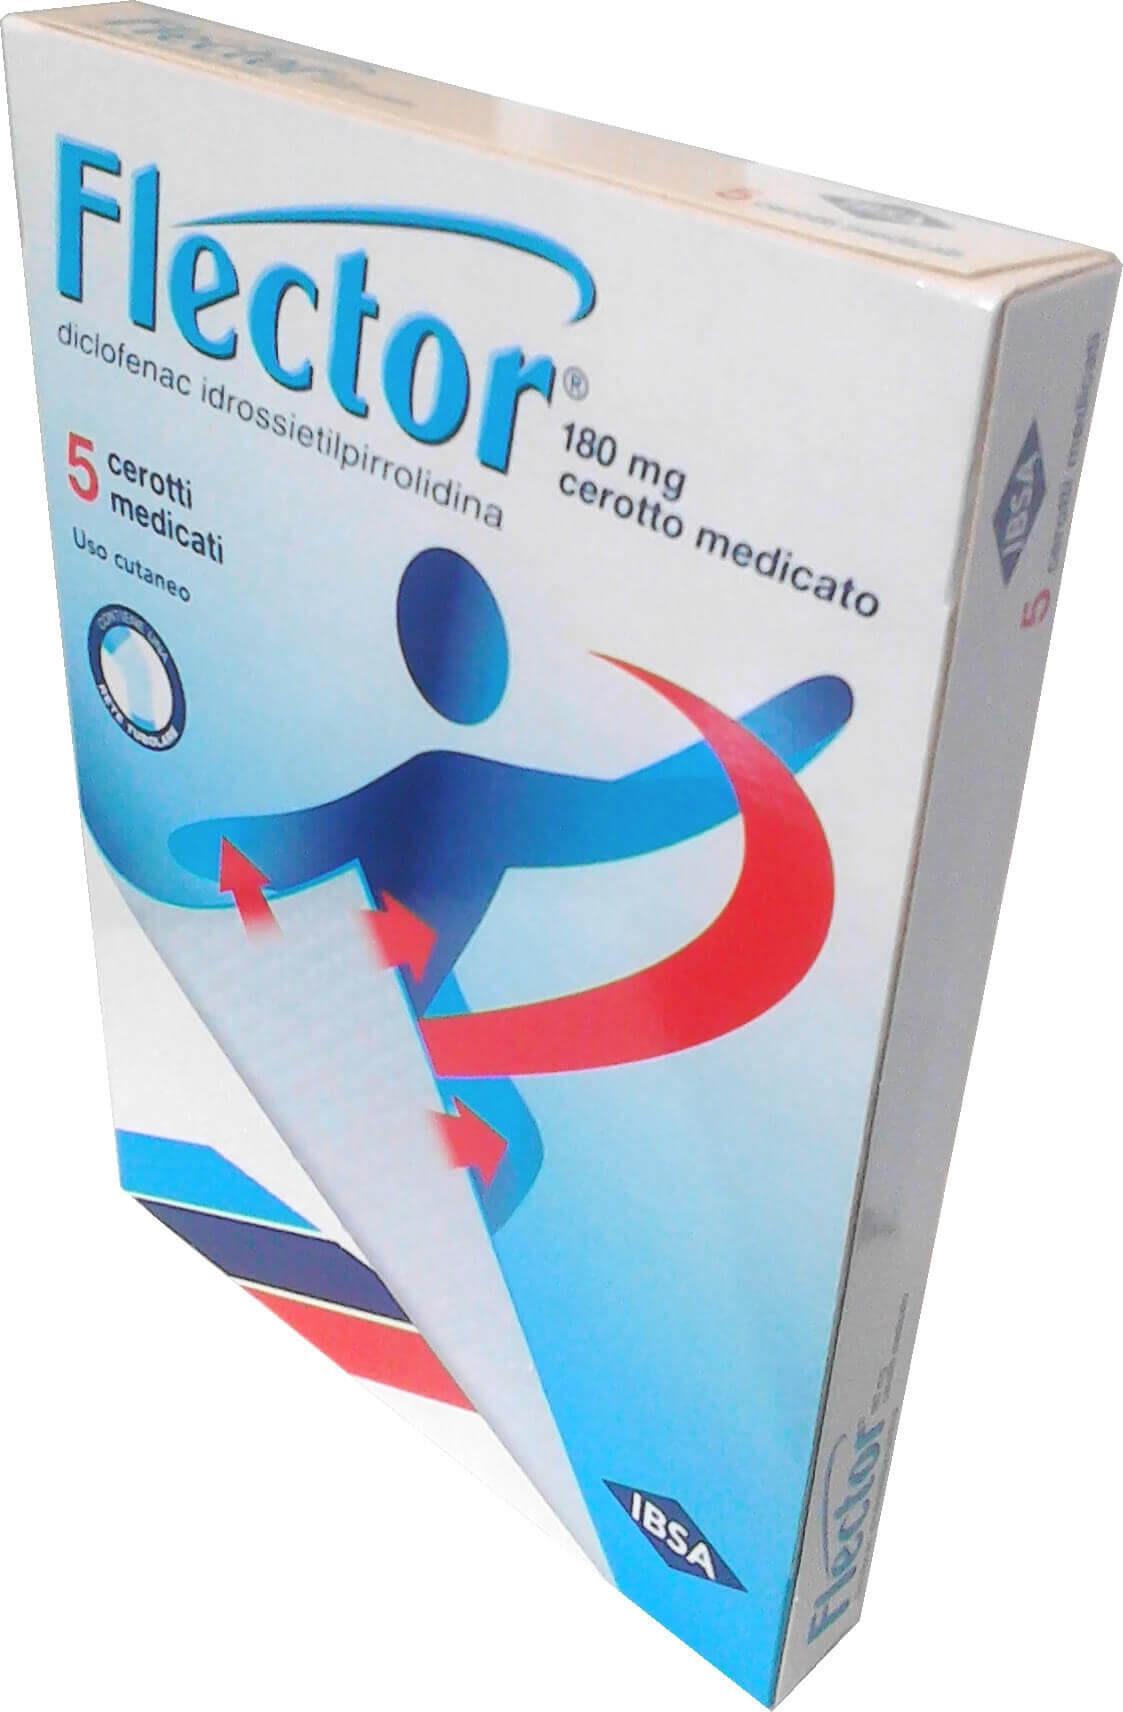 Flector 5 Cerotti Medicati 180 Mg offerta